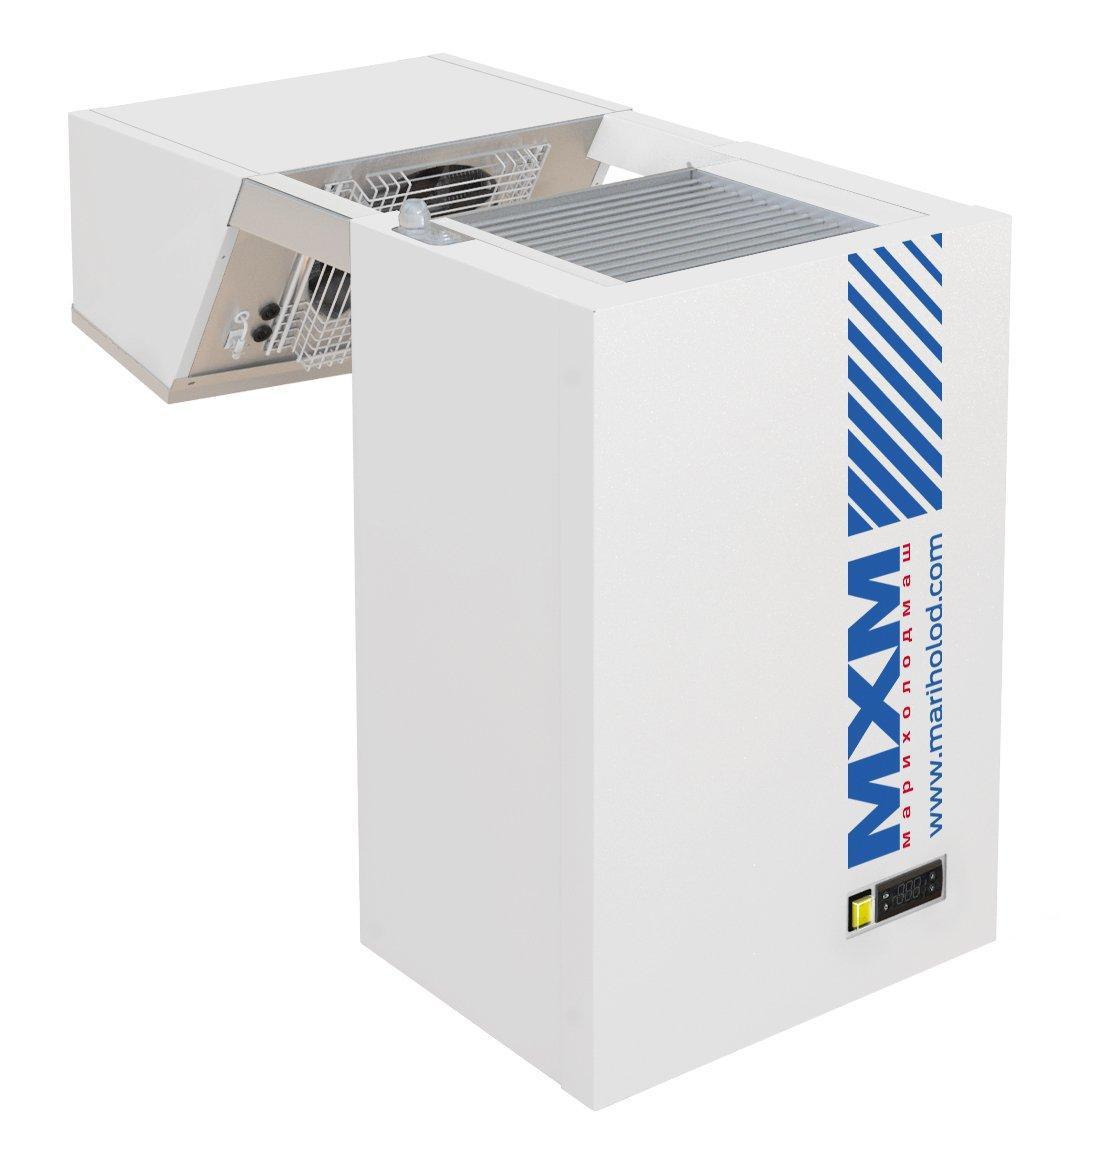 Моноблок холодильный МХМ MMN 108